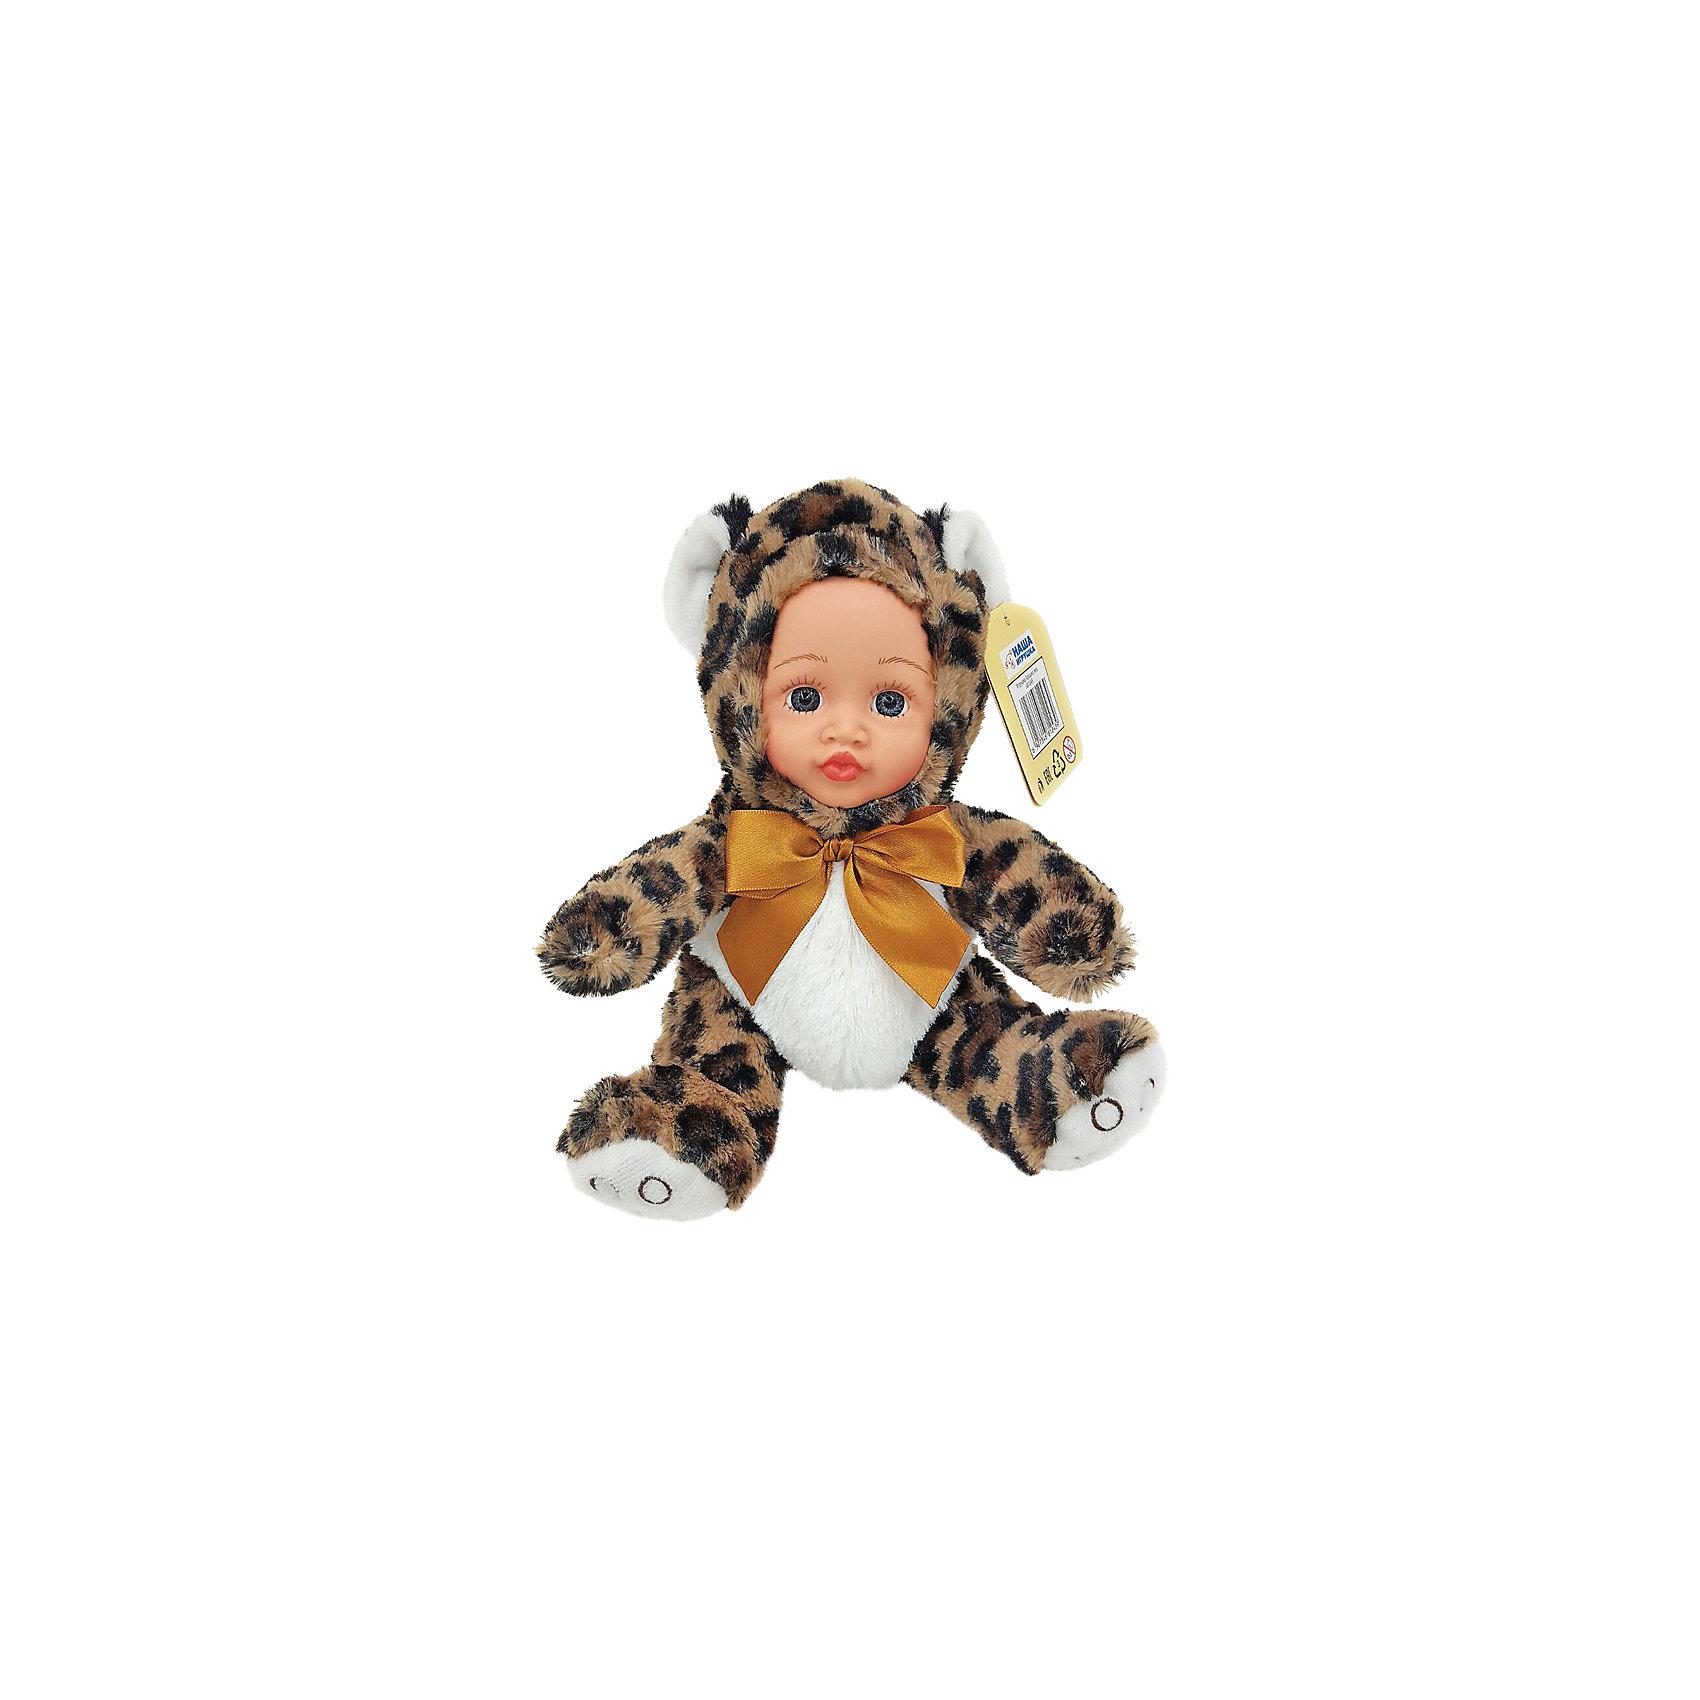 Игрушка Крошка Лео, Fluffy FamilyТакая игрушка - милая вариация стандартной куклы–младенца. Малыш выполнен из пластика и тщательно прорисованным личиком. Одета кукла в костюм совенка. Ткань приятна на ощупь и малышу понравится играть с куклой. Игрушка подходит для одиночной игры малыша и для игр в компании. Не содержит мелких деталей. Кукла из коллекционной серии. Соберите весь набор! Материалы, использованные при изготовлении товара, абсолютно безопасны и отвечают всем международным требованиям по качеству.<br><br>Дополнительные характеристики:<br><br>материал: ПВХ, искусственный мех, пластик;<br>габариты: 20 X 9 X 30 см;<br>наполнитель: полиэтиленовые гранулы.<br><br>Игрушку Крошка Лео от компании Fluffy Family можно приобрести в нашем магазине.<br><br>Ширина мм: 570<br>Глубина мм: 580<br>Высота мм: 450<br>Вес г: 119<br>Возраст от месяцев: 36<br>Возраст до месяцев: 96<br>Пол: Унисекс<br>Возраст: Детский<br>SKU: 5032462